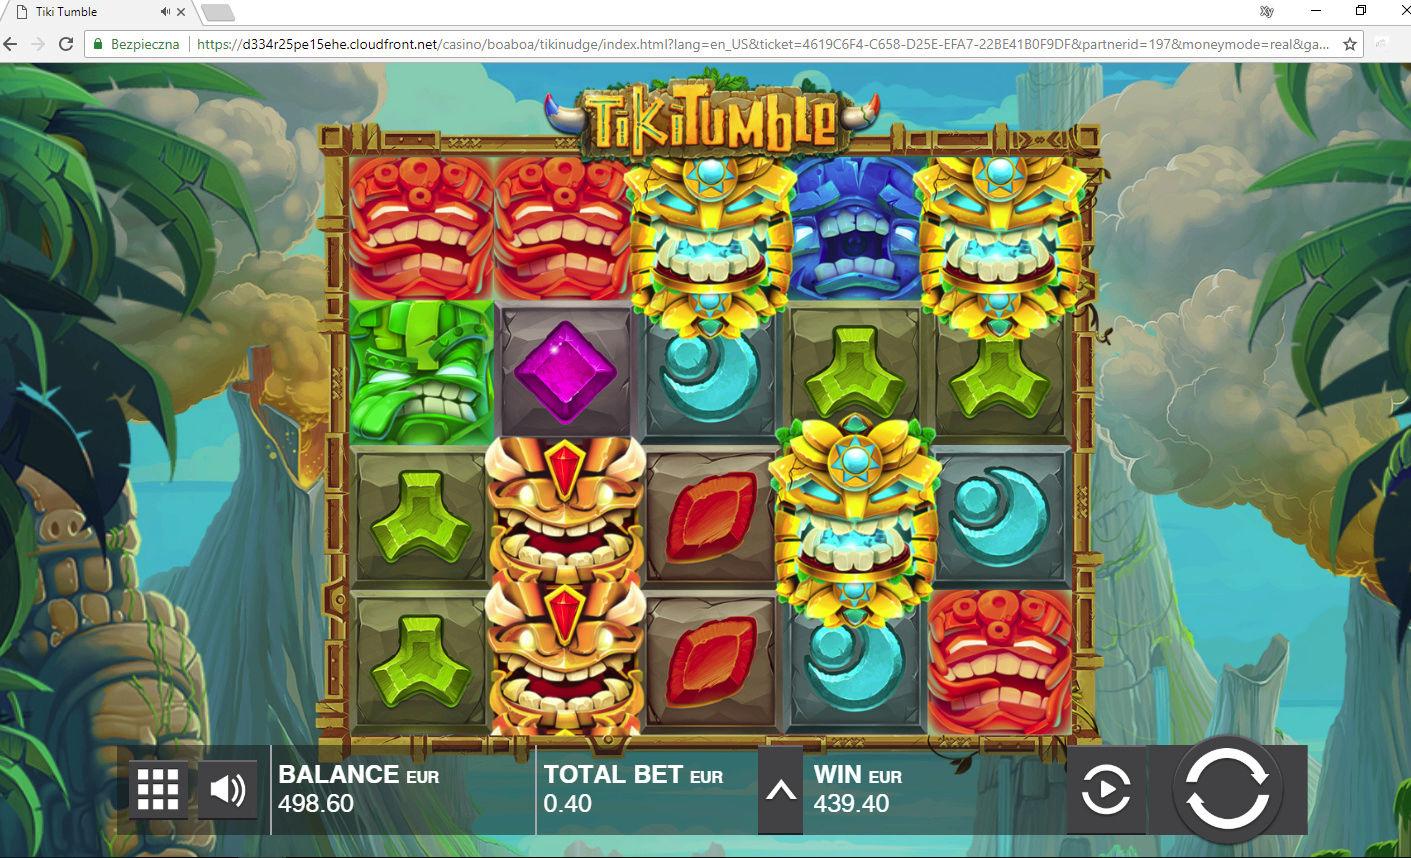 Screenshoty naszych wygranych (minimum 200zł - 50 euro) - kasyno - Page 8 Tikitu10